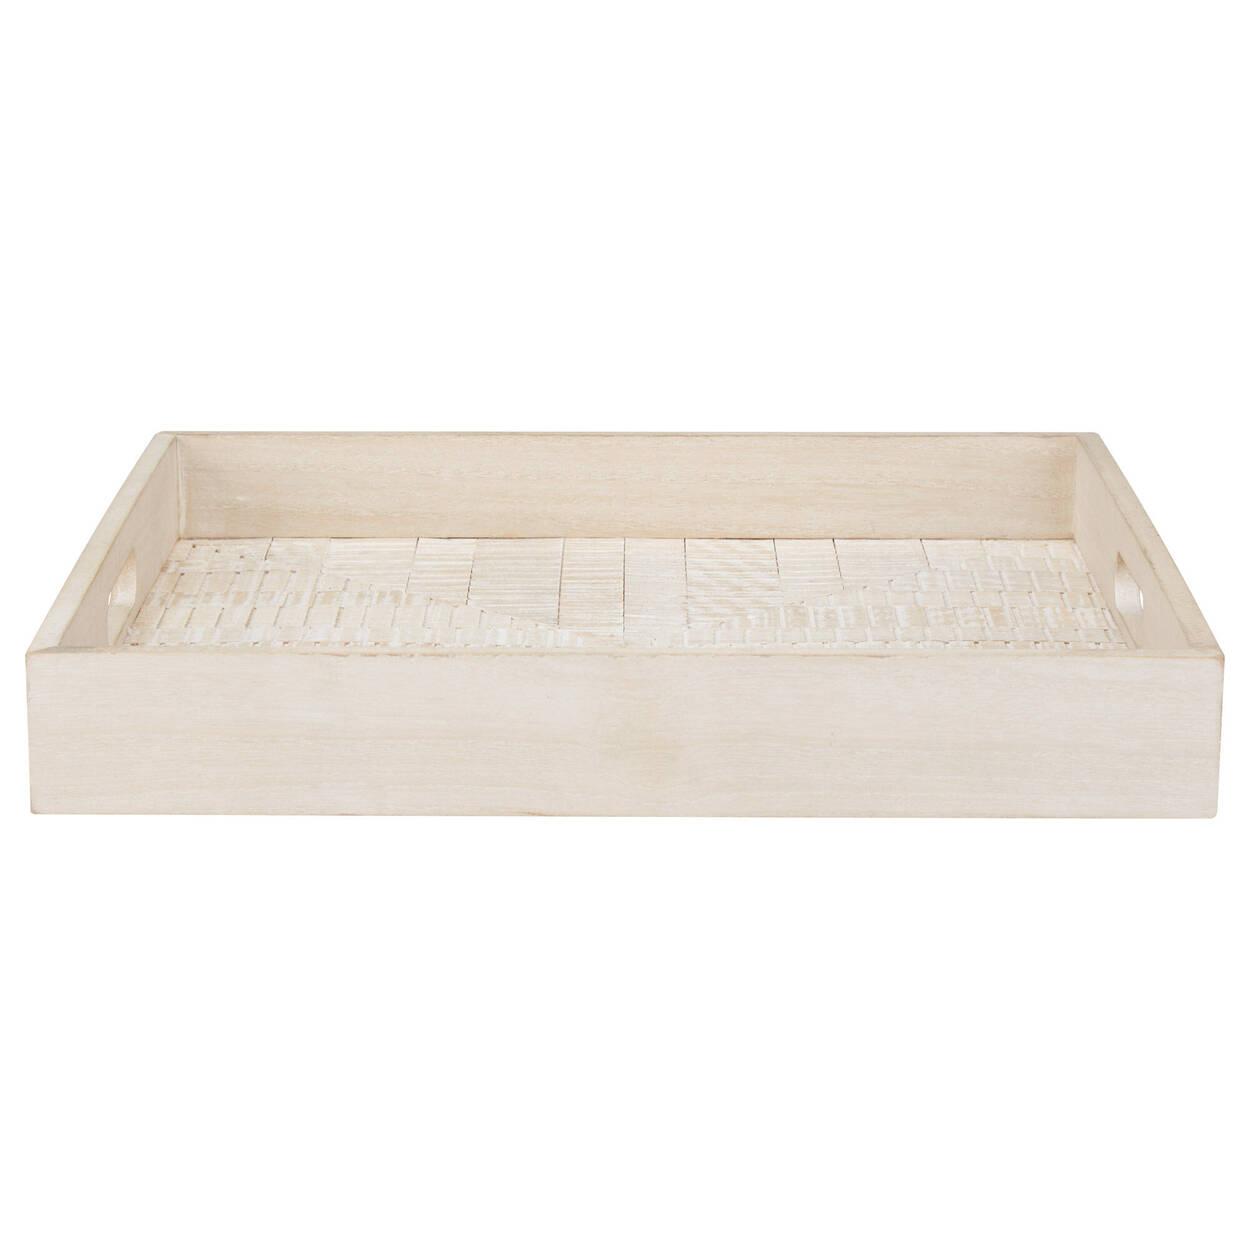 Whitewashed Wood Tray